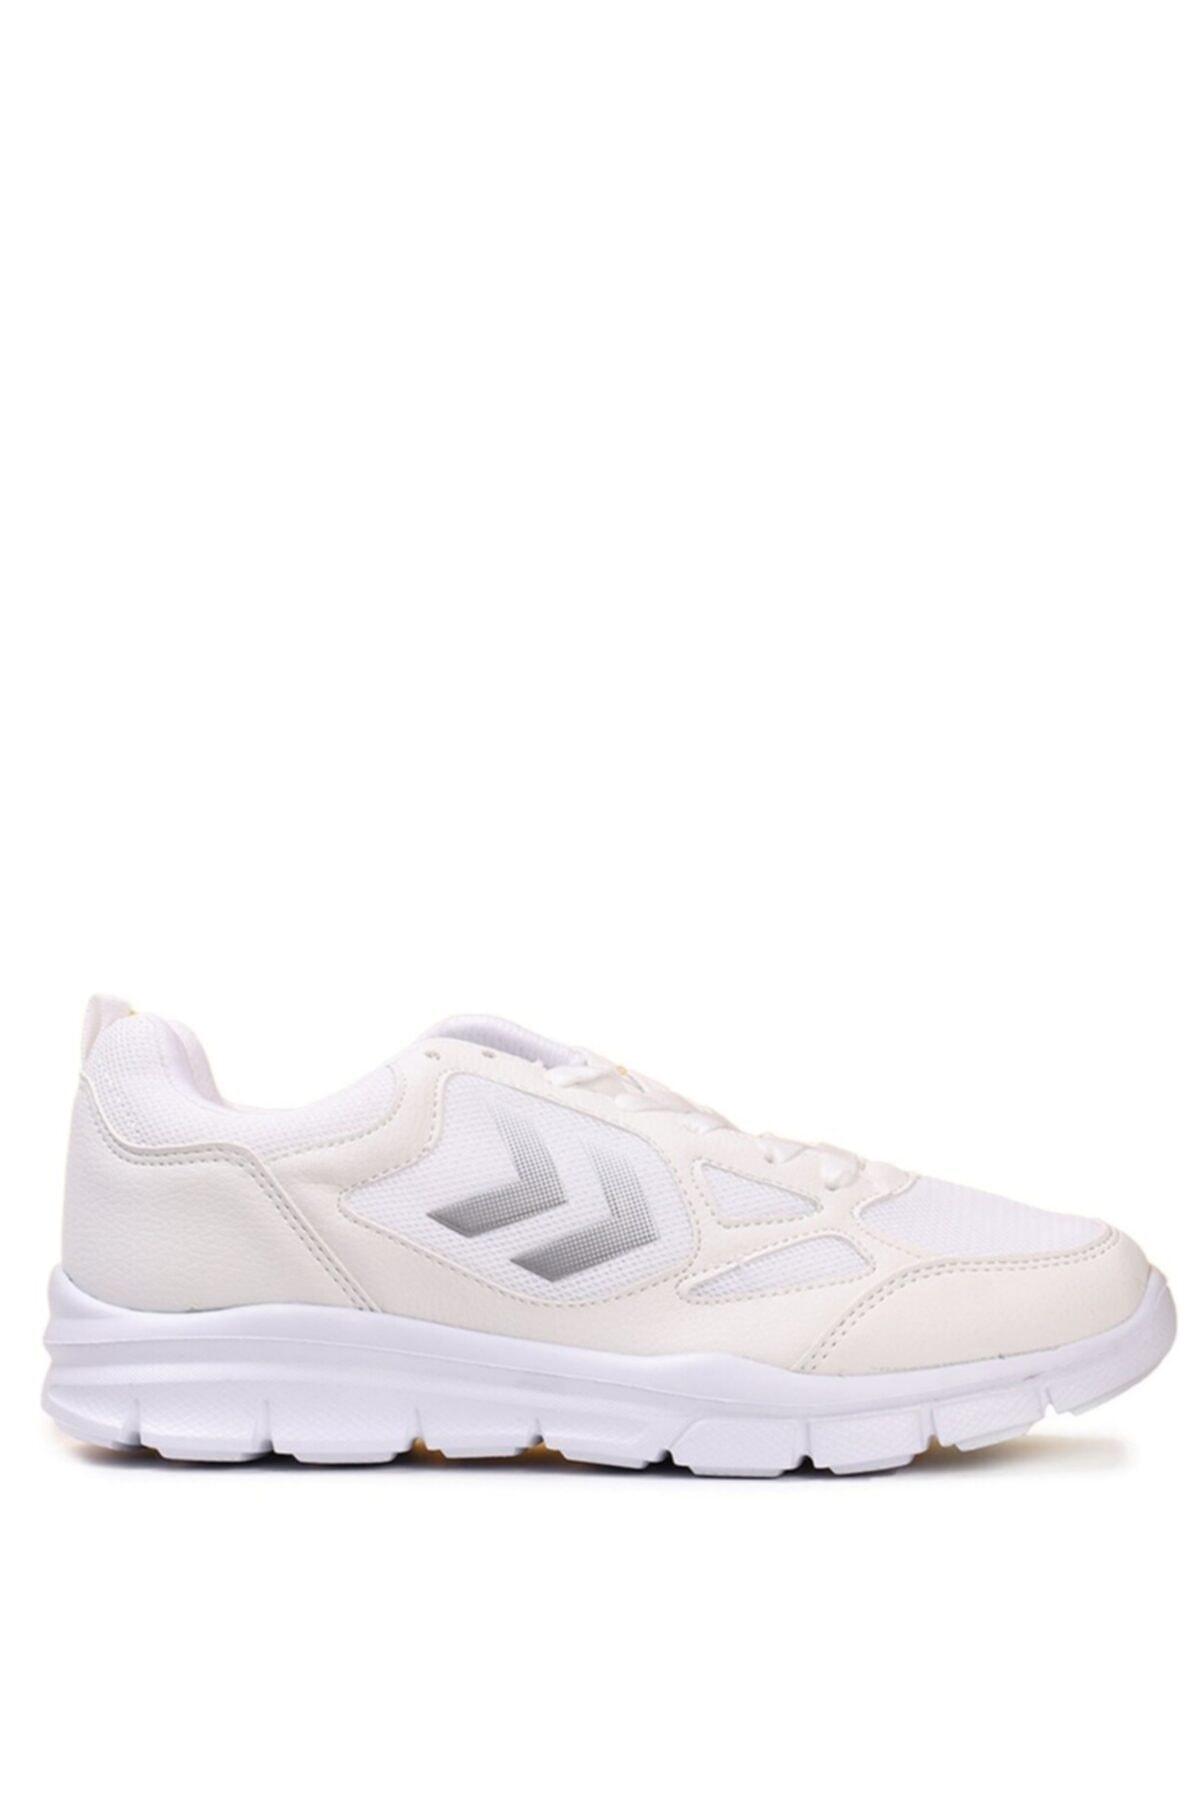 HUMMEL Kadın Crosslite Iı Beyaz Spor Ayakkabı 205641-9001 1